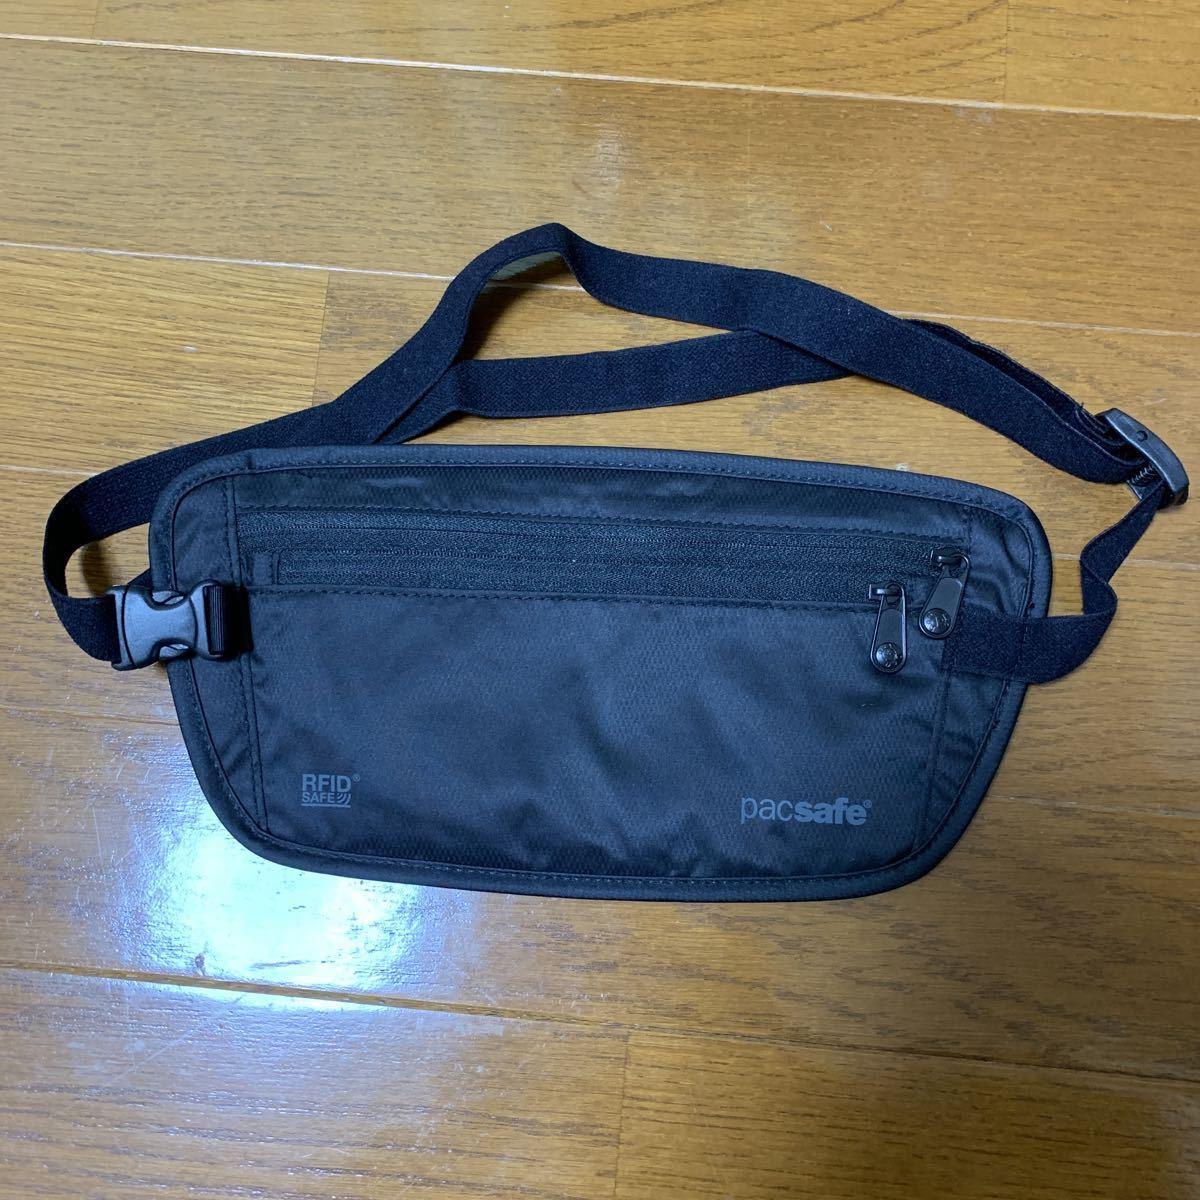 パックセーフ セキュリティポーチ シークレットベルト 旅行用品 防犯用品